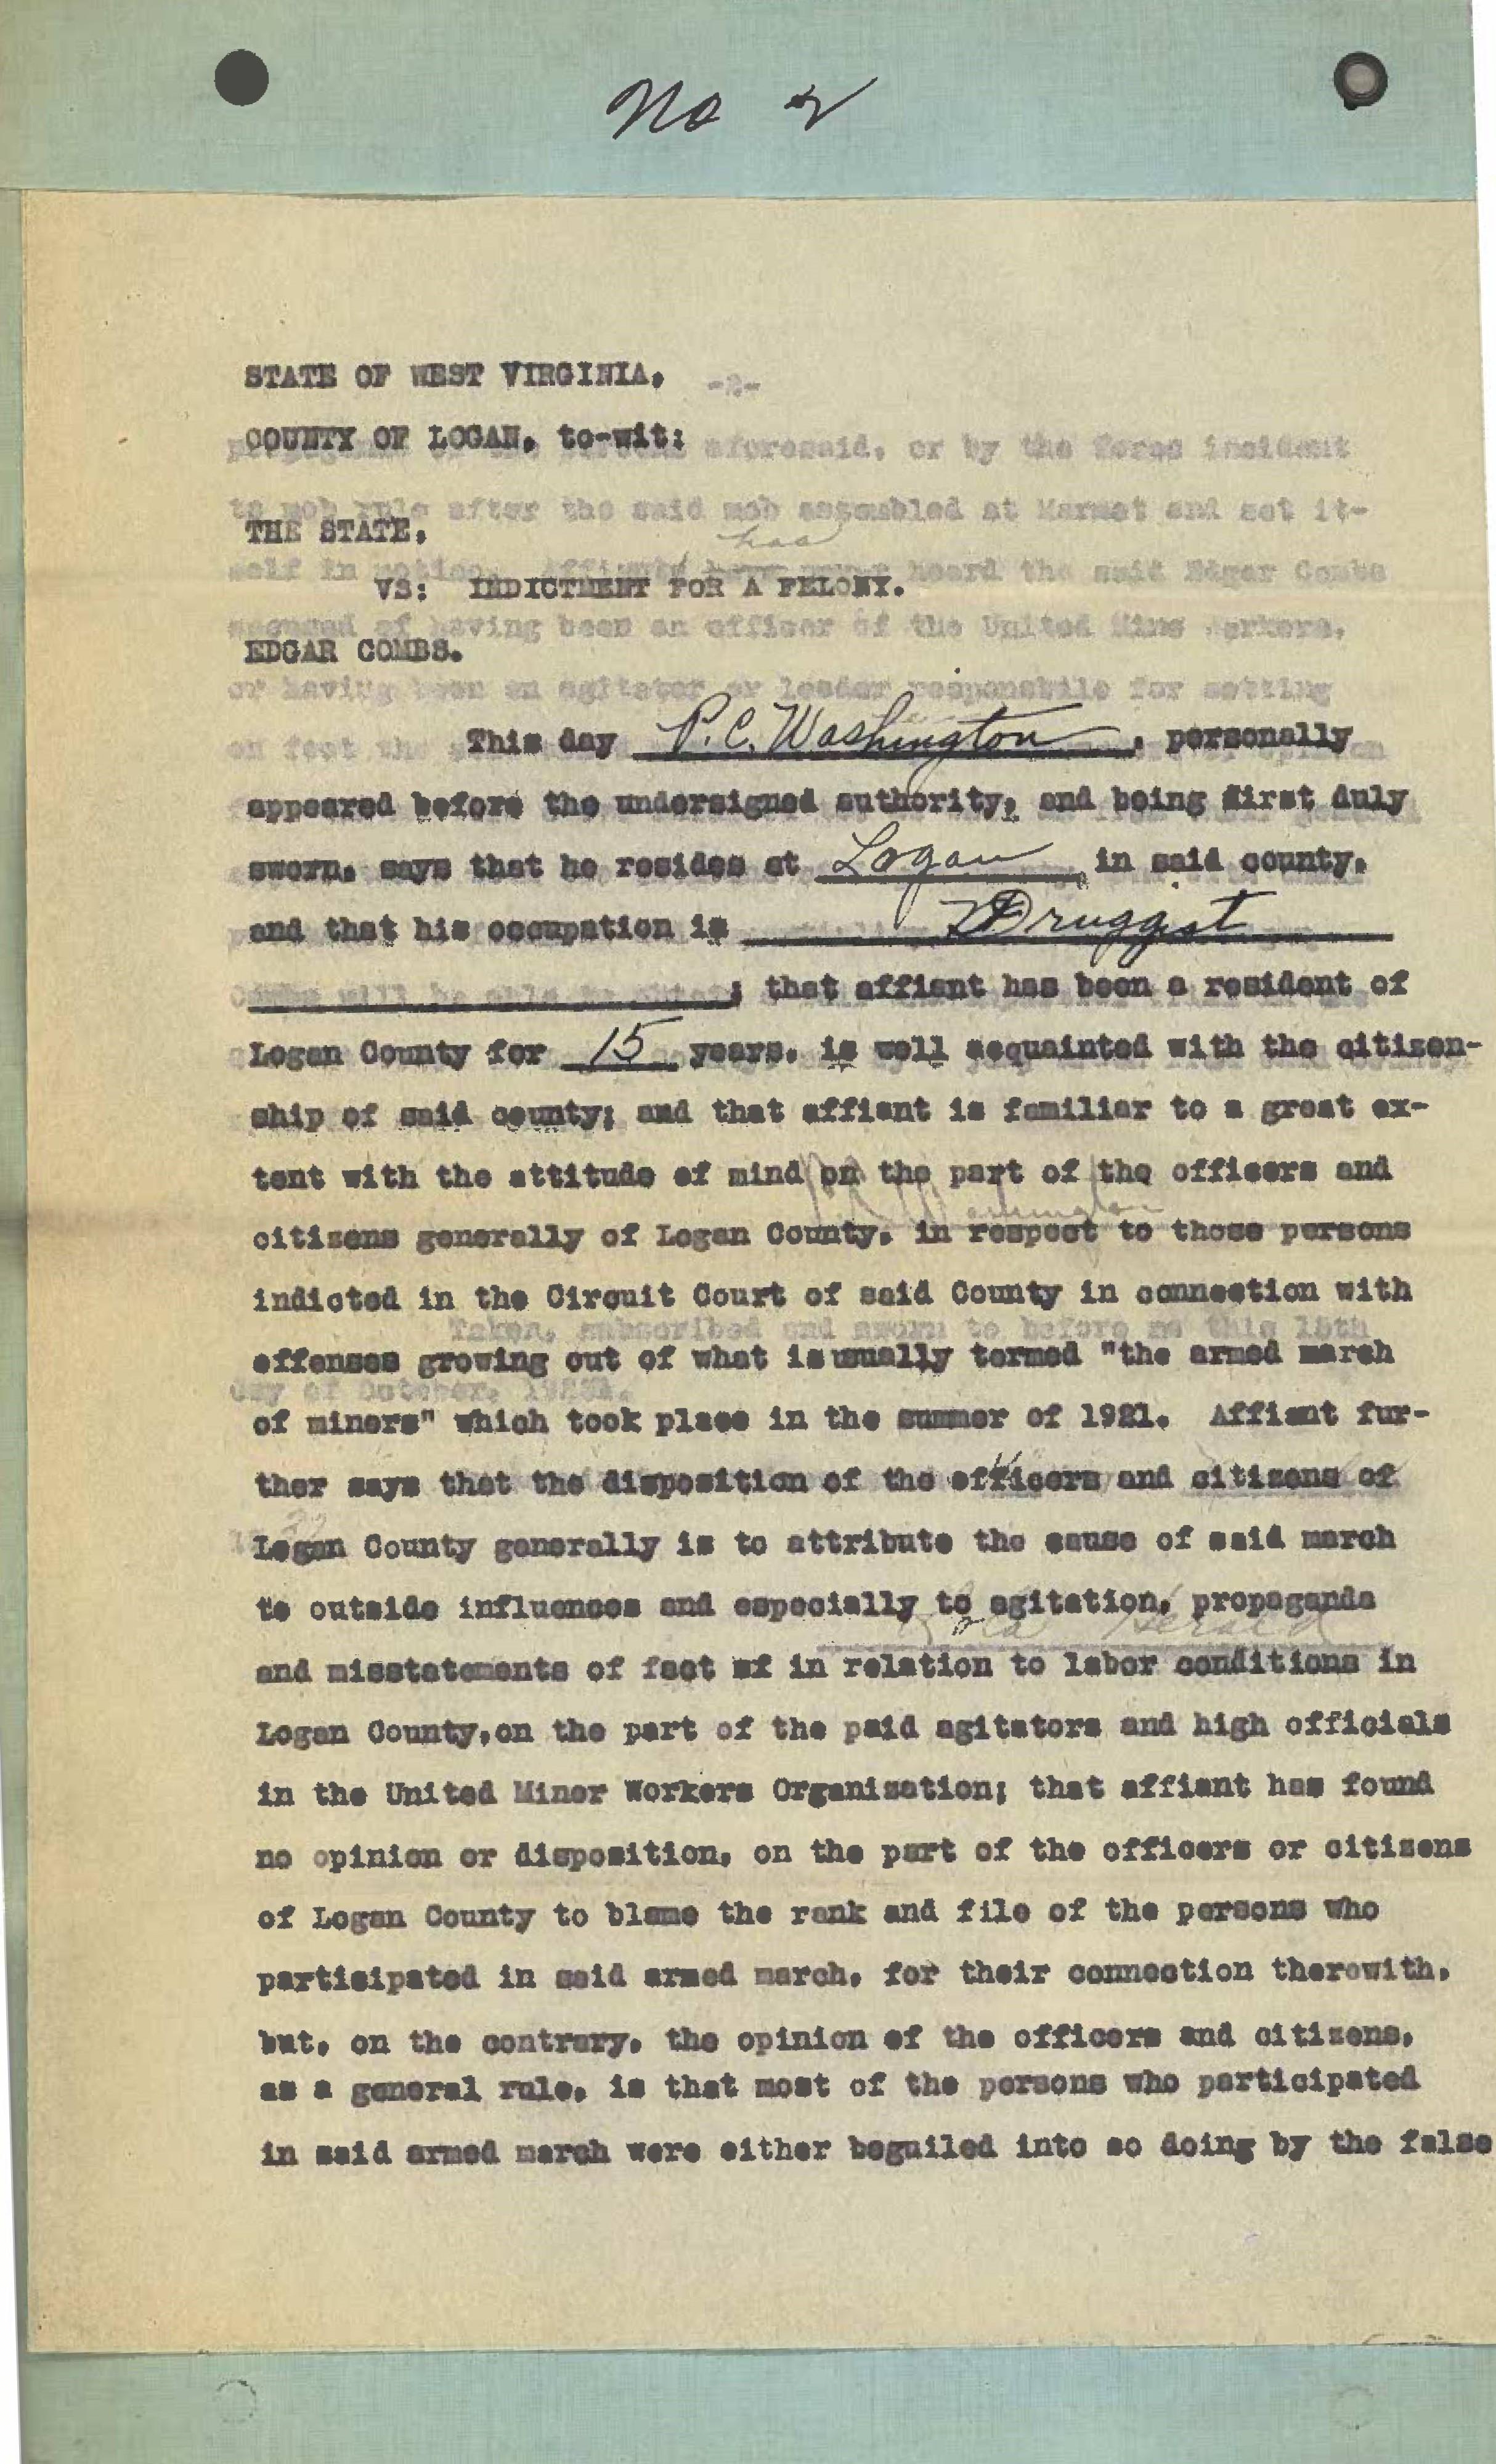 Document 2-1